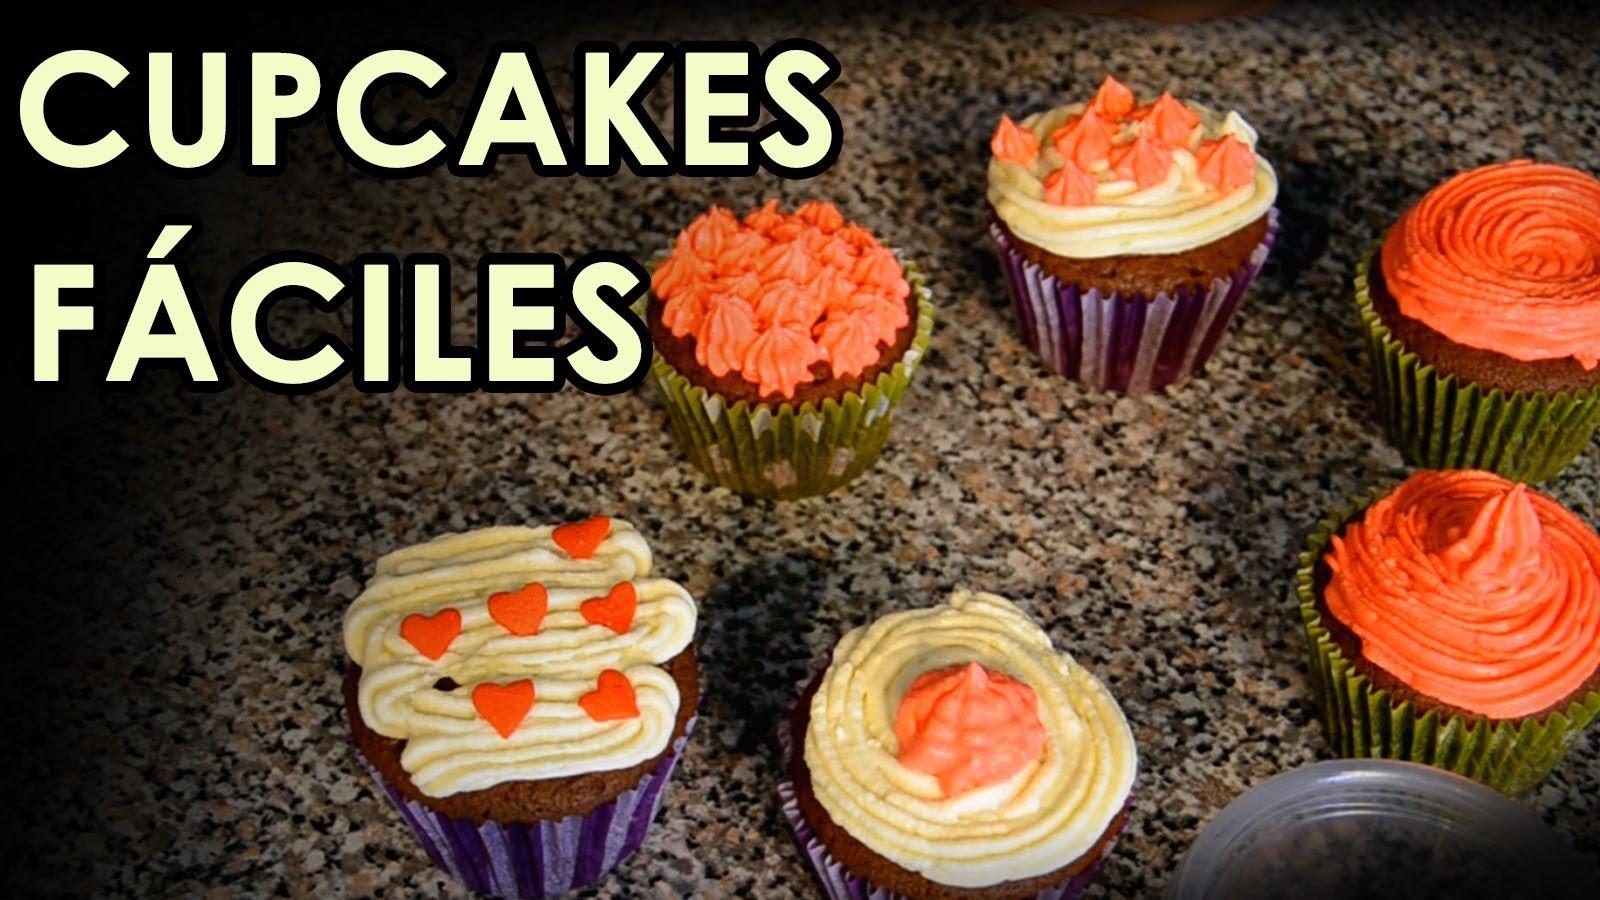 Recta de Cupcakes decorados muy rápida   Muffins panqué (Recetas de cocina faciles y deliciosas)